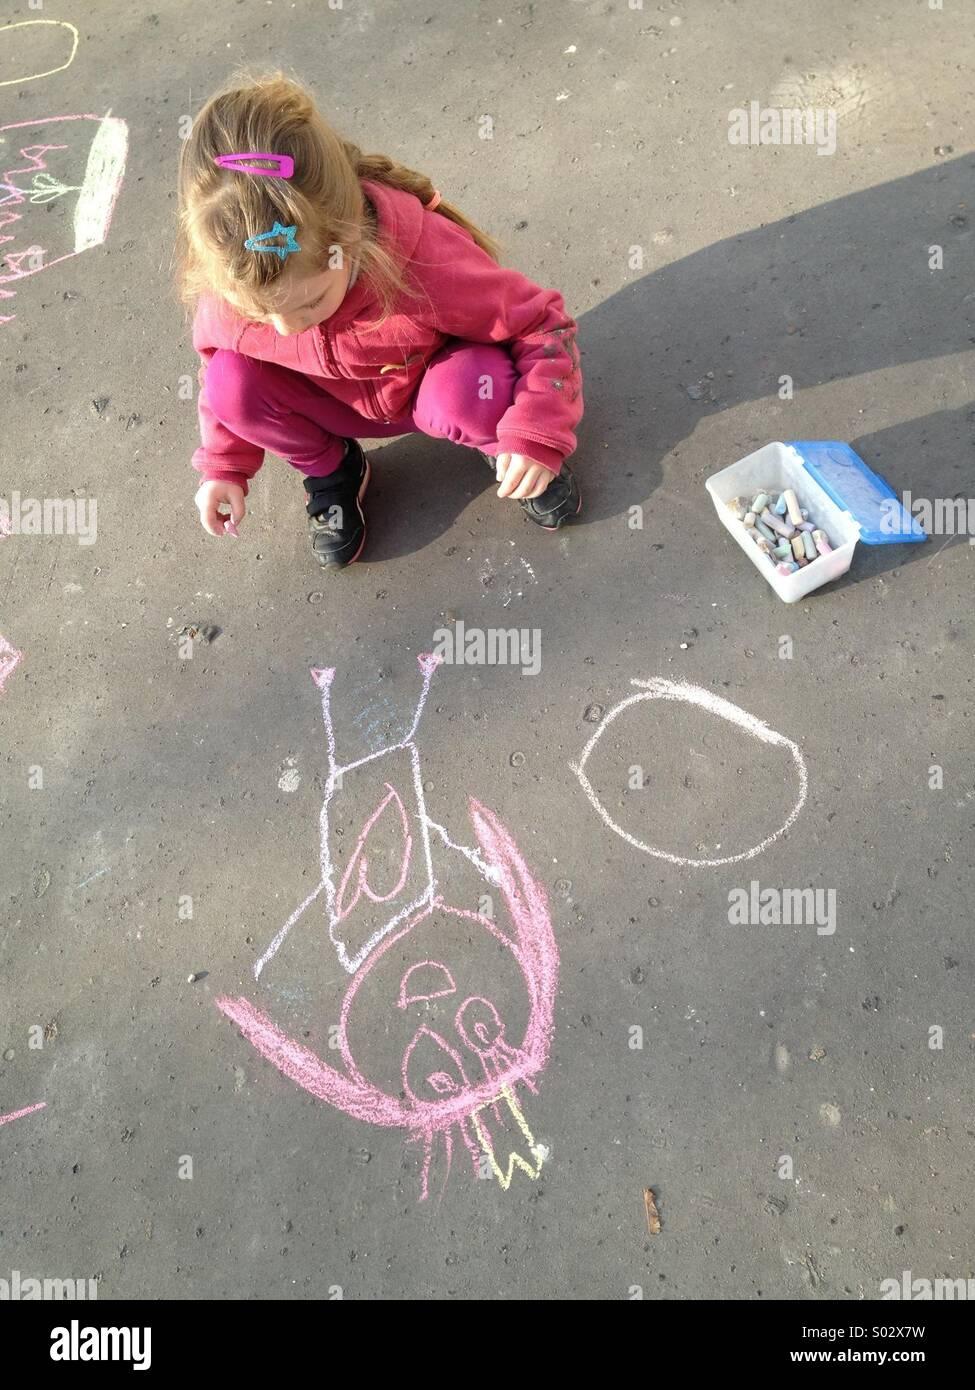 Niña de dibujo con tiza en el asfalto Imagen De Stock